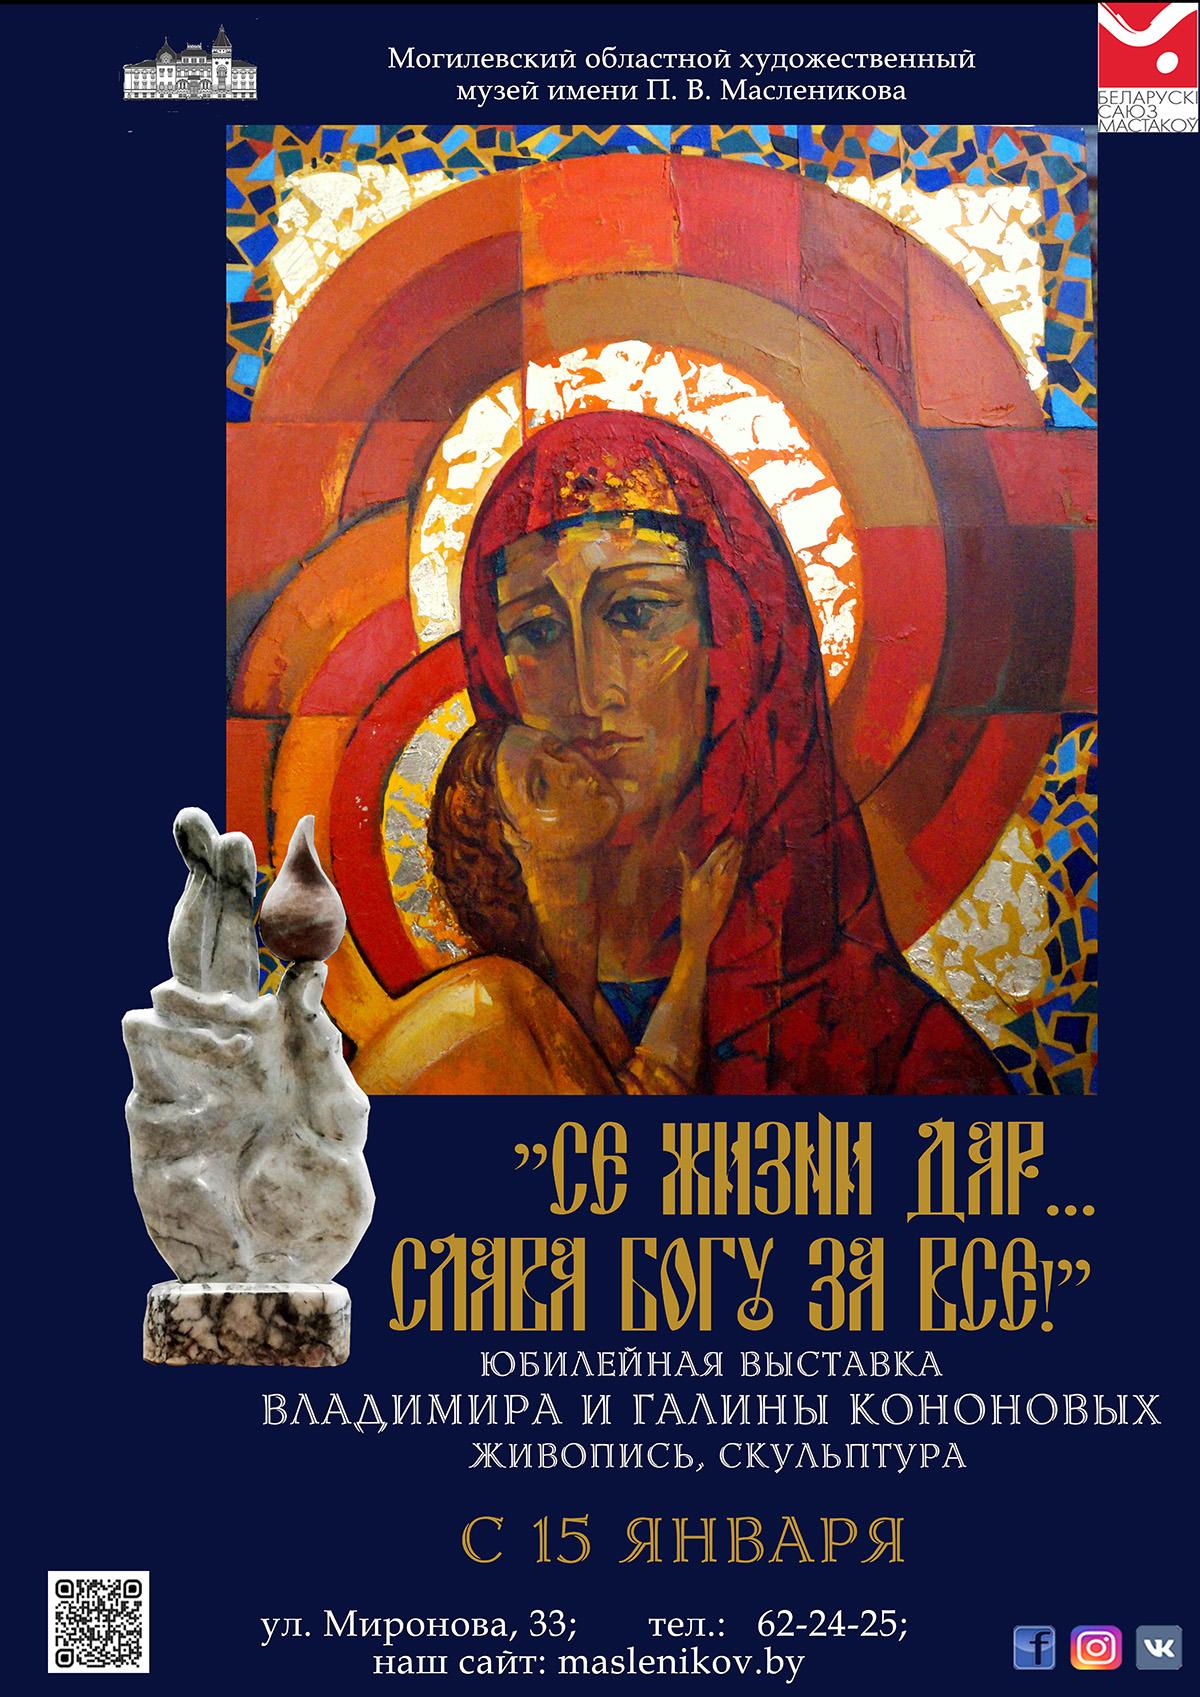 Юбилейная выставка Владимира иГалины Кононовых готовится коткрытию вМогилеве